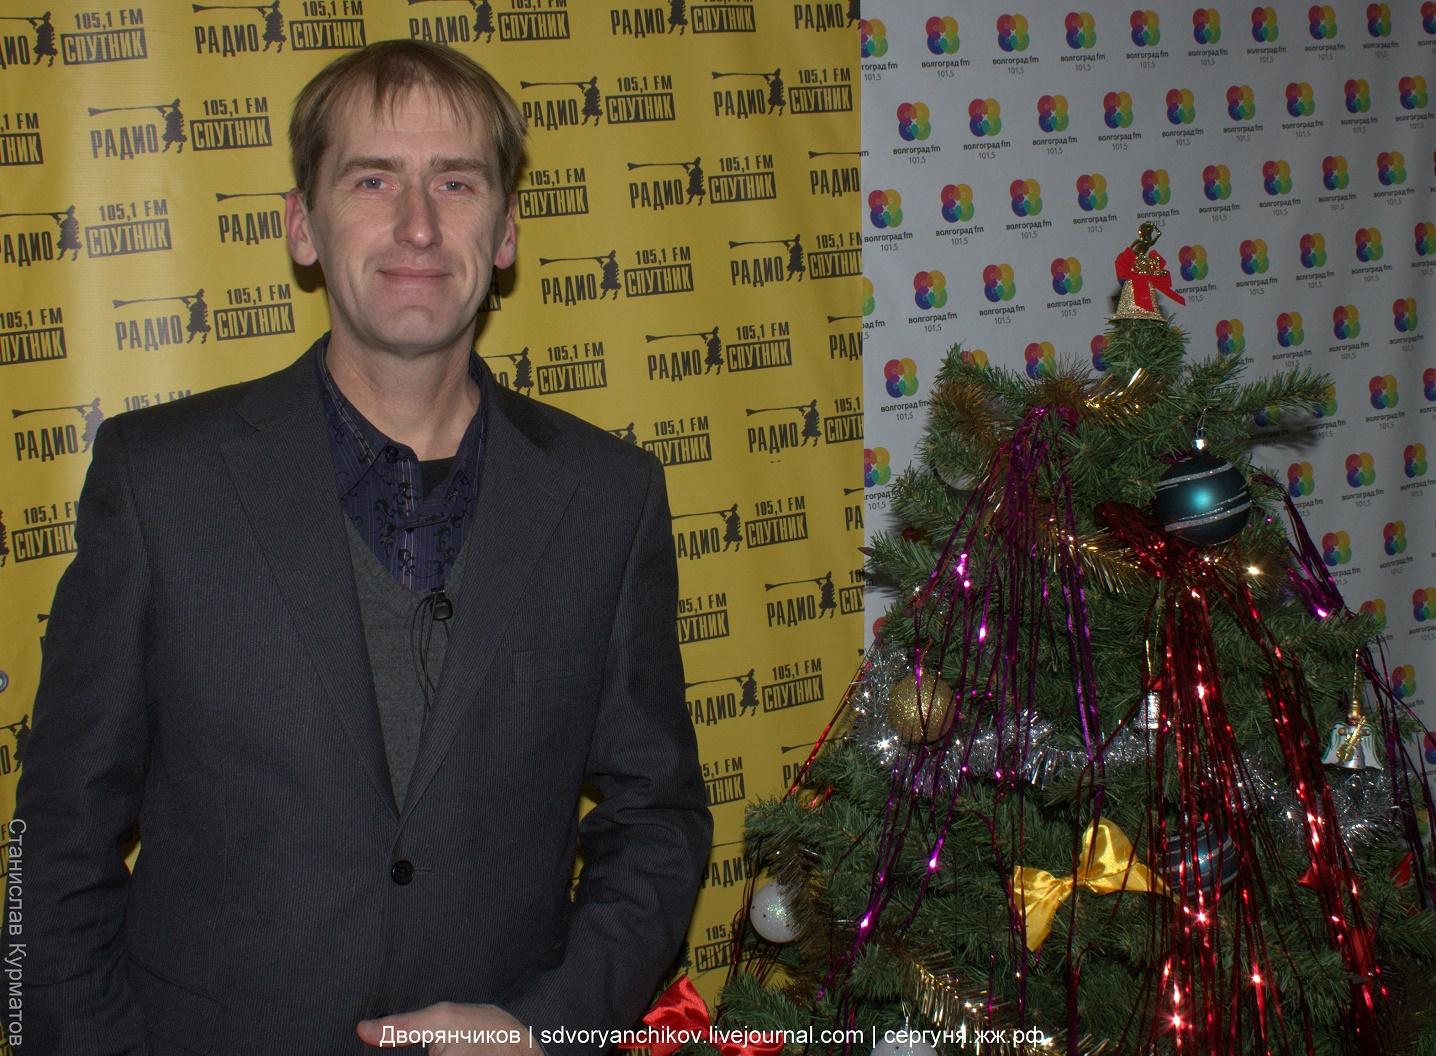 Волгоград - Школа радио - новости